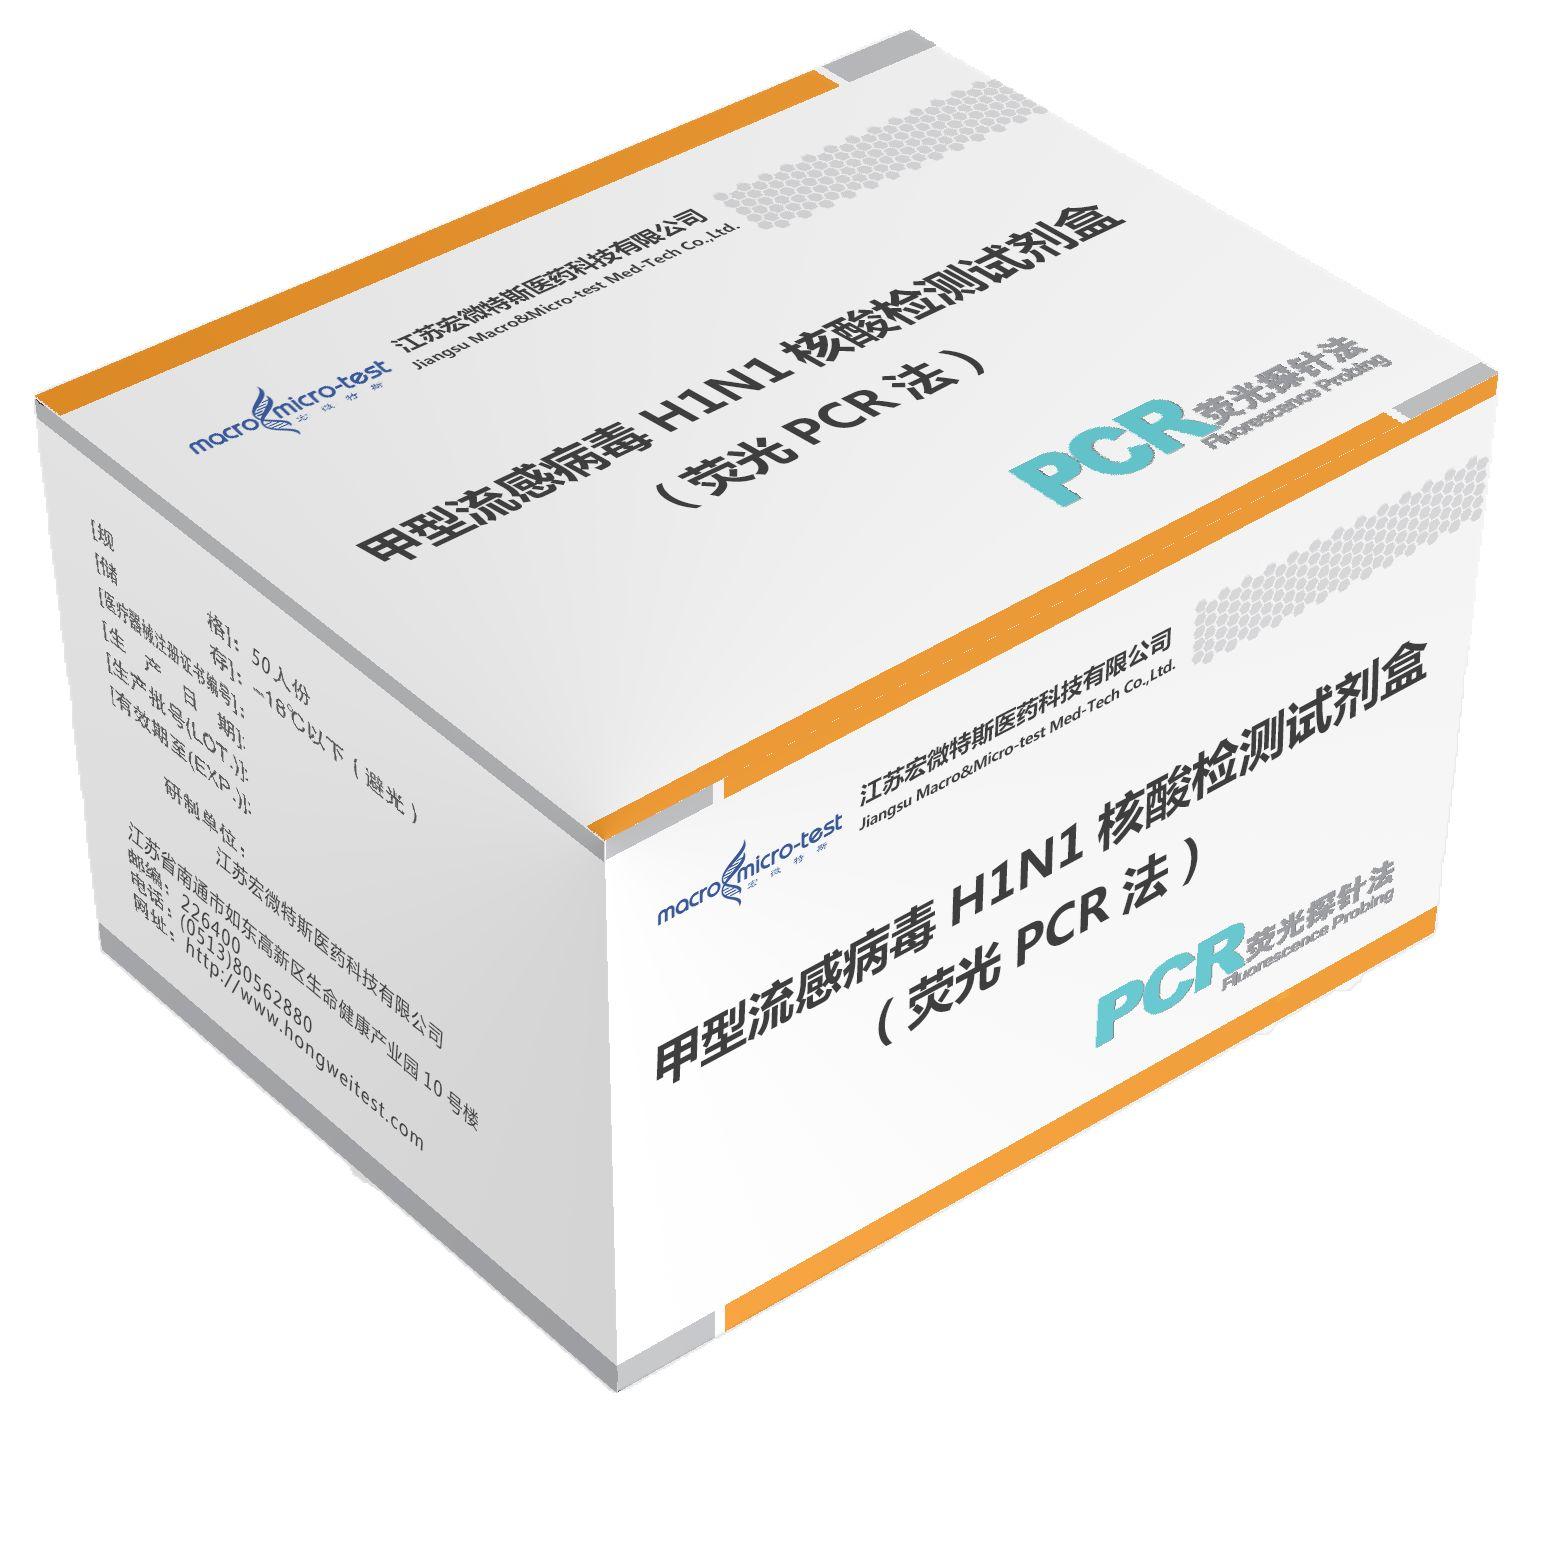 甲型流感病毒H1N1核酸检测试剂盒(荧光PCR法)